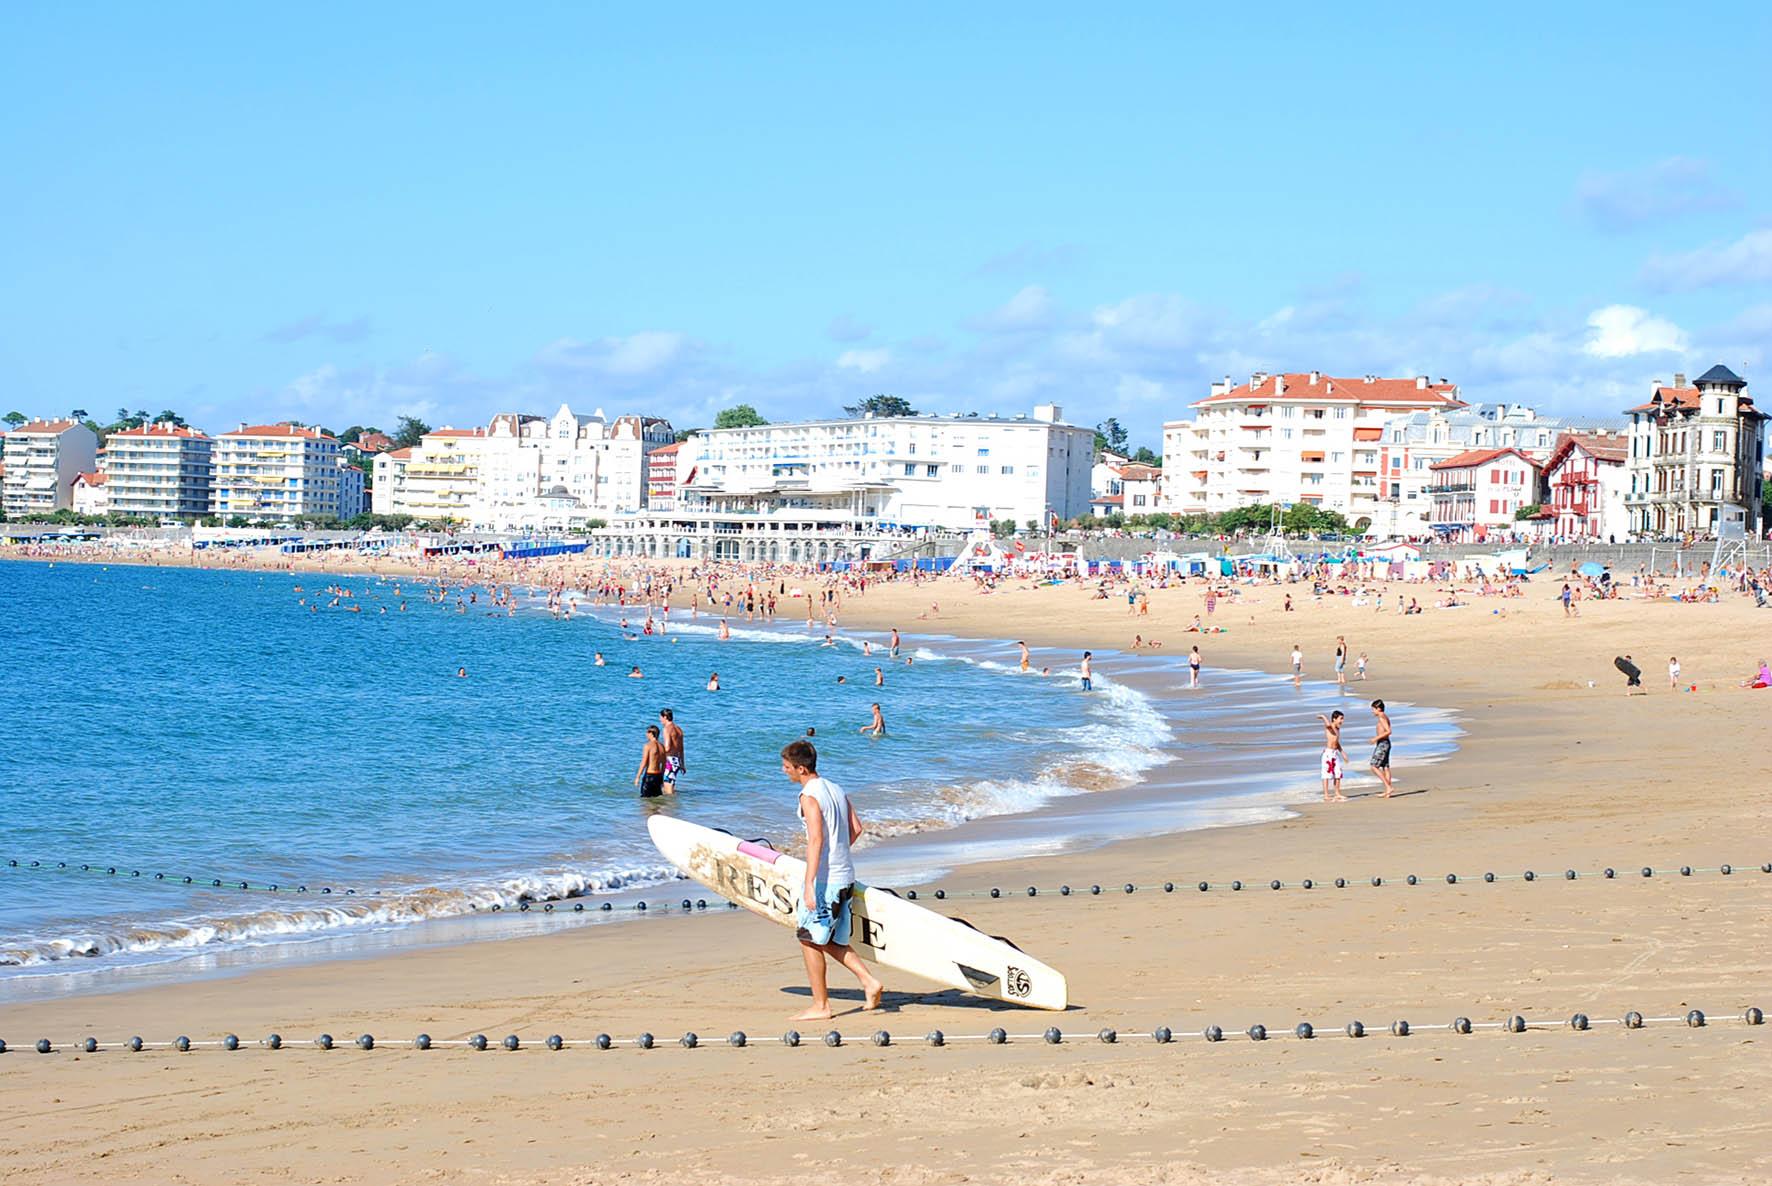 La plage centrale de Saint-Jean de Luz